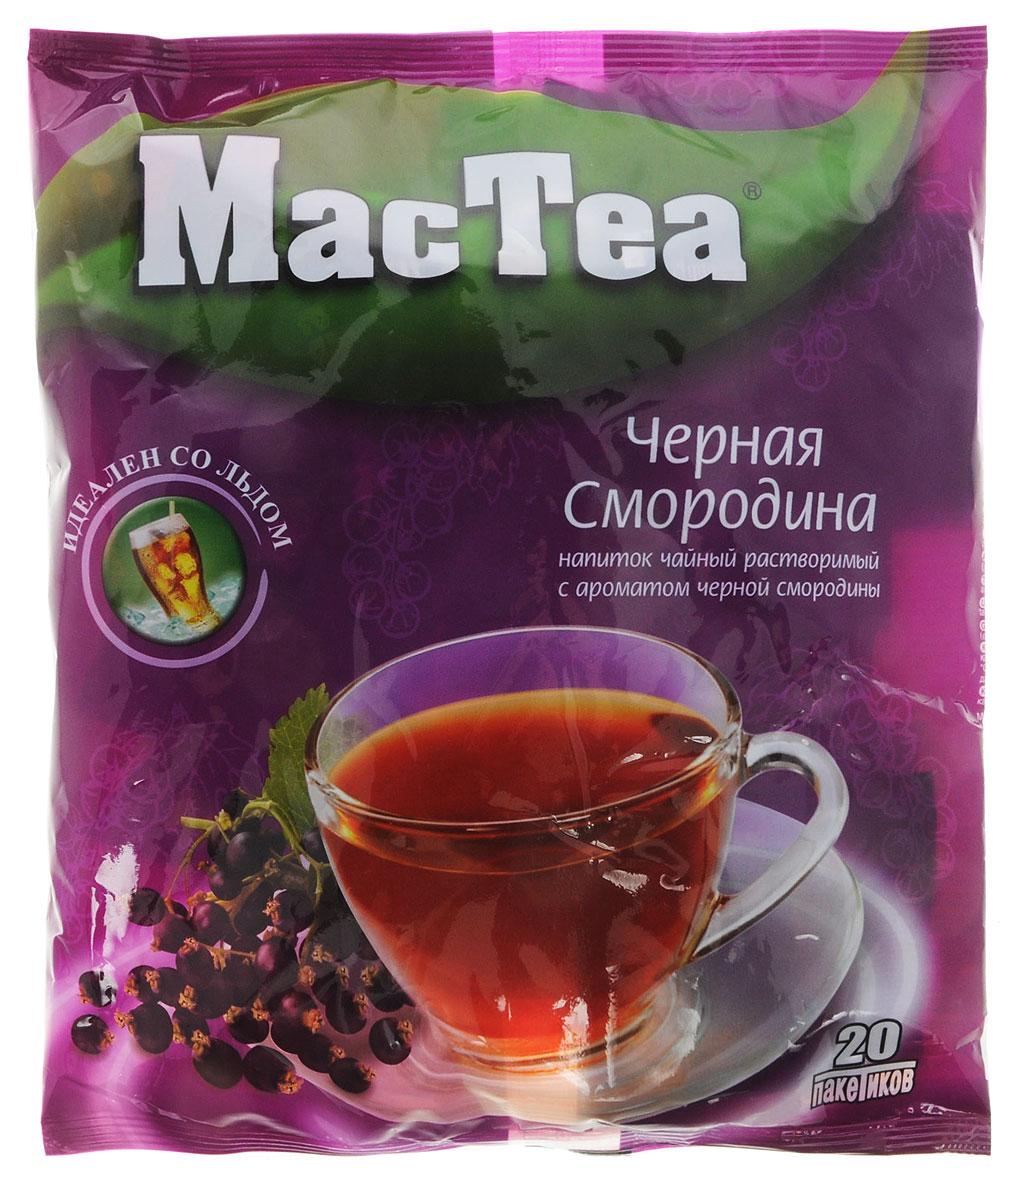 MacTea напиток чайный с черной смородиной, 20 шт8887290103350Растворимый чайный напиток MacTea с ароматом черной смородины понравится и детям, и взрослым. Этот напиток можно употреблять как в холодном, так и в горячем виде. Для приготовления необходимо залить содержимое пакетика стаканом воды и тщательно размешать.Всё о чае: сорта, факты, советы по выбору и употреблению. Статья OZON Гид